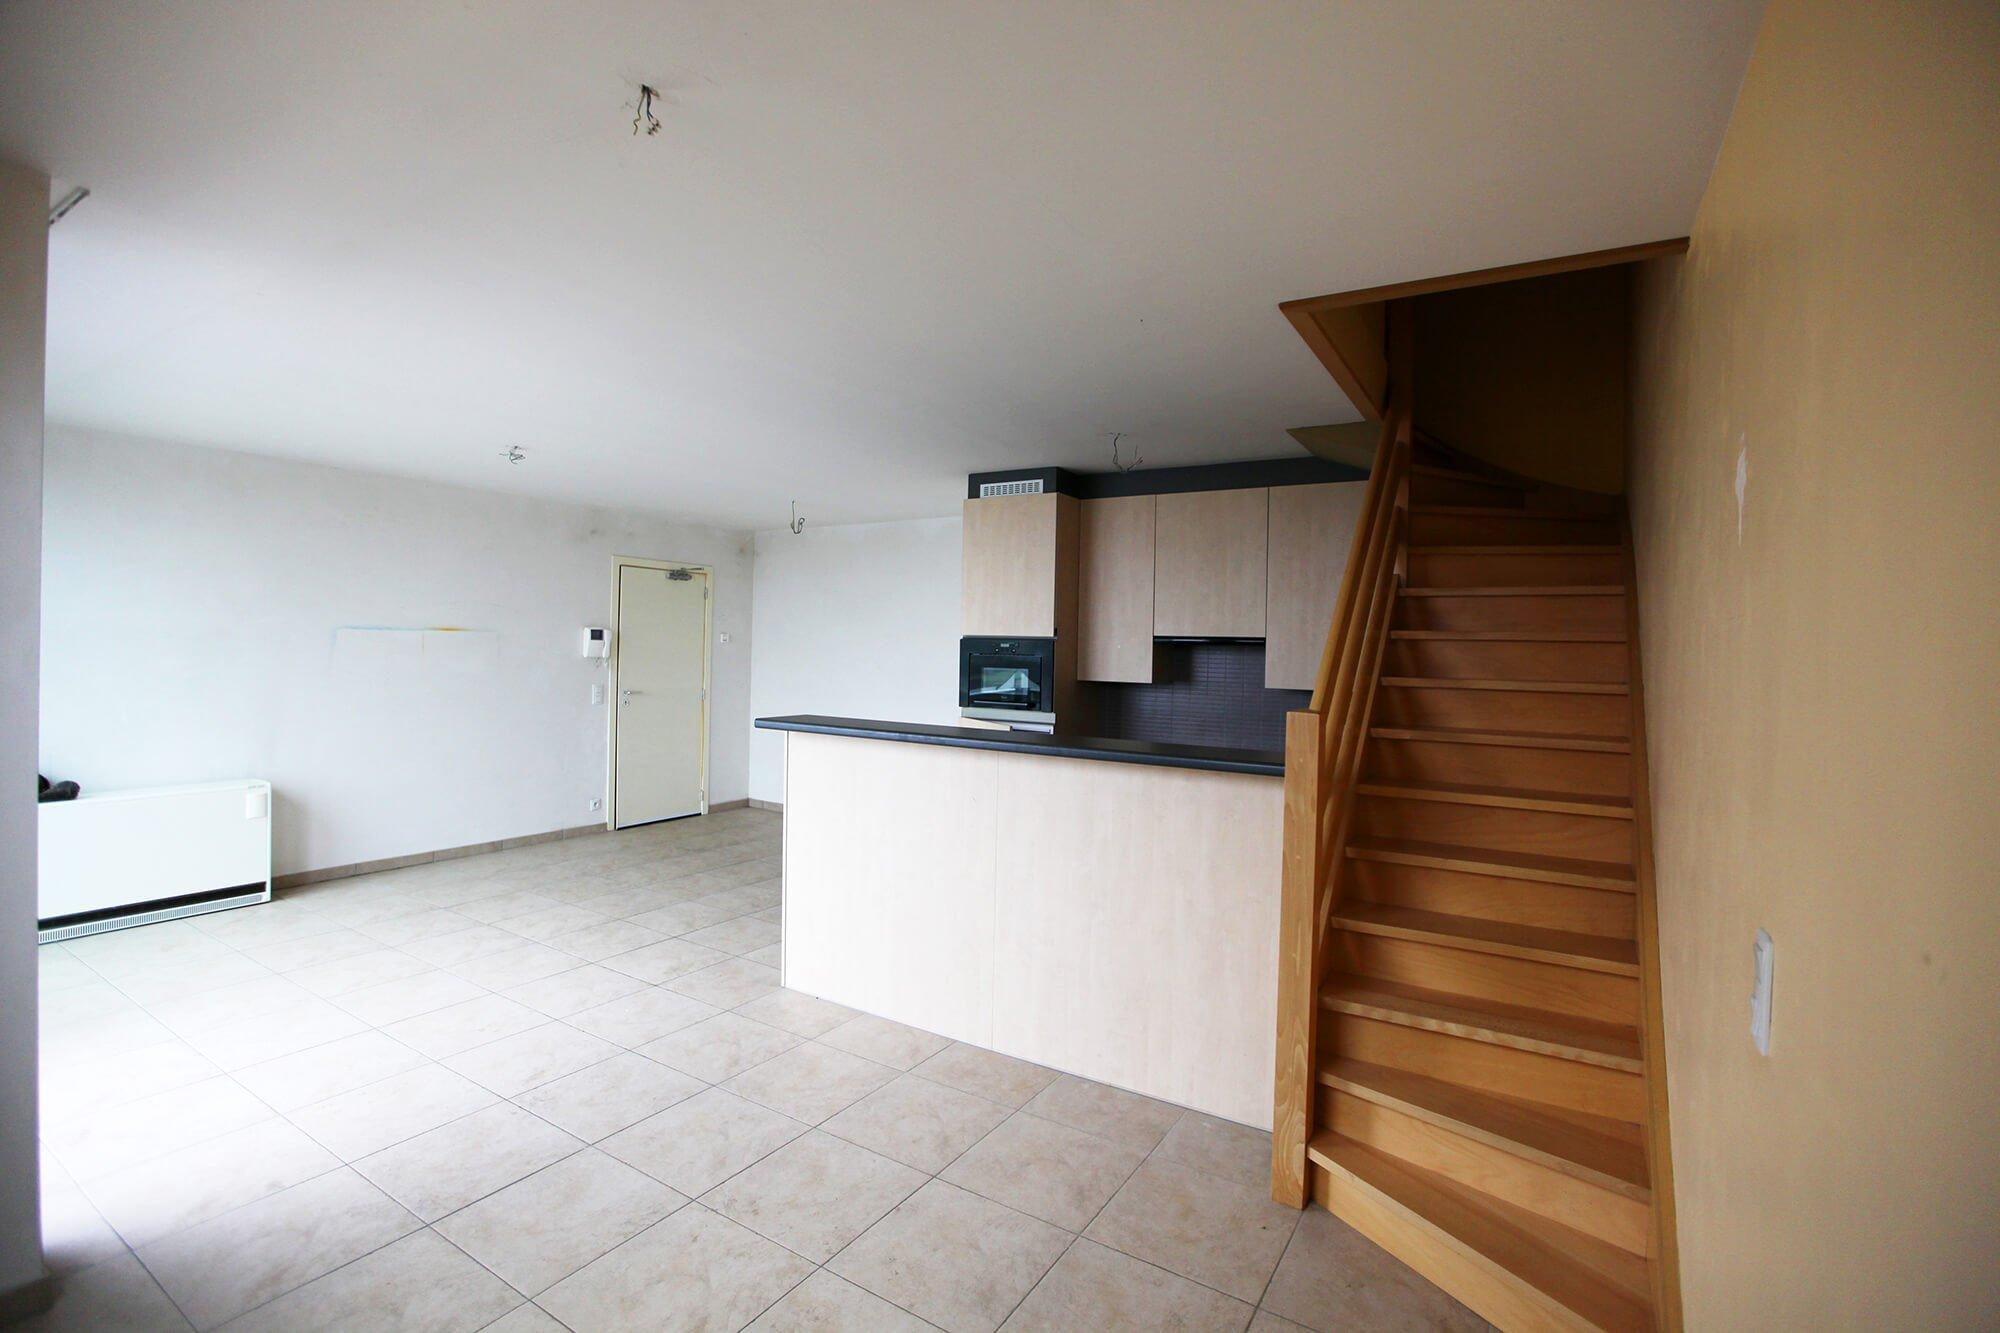 Vakantieappartement-Te-Koop-Nieuwpoort4.jpg